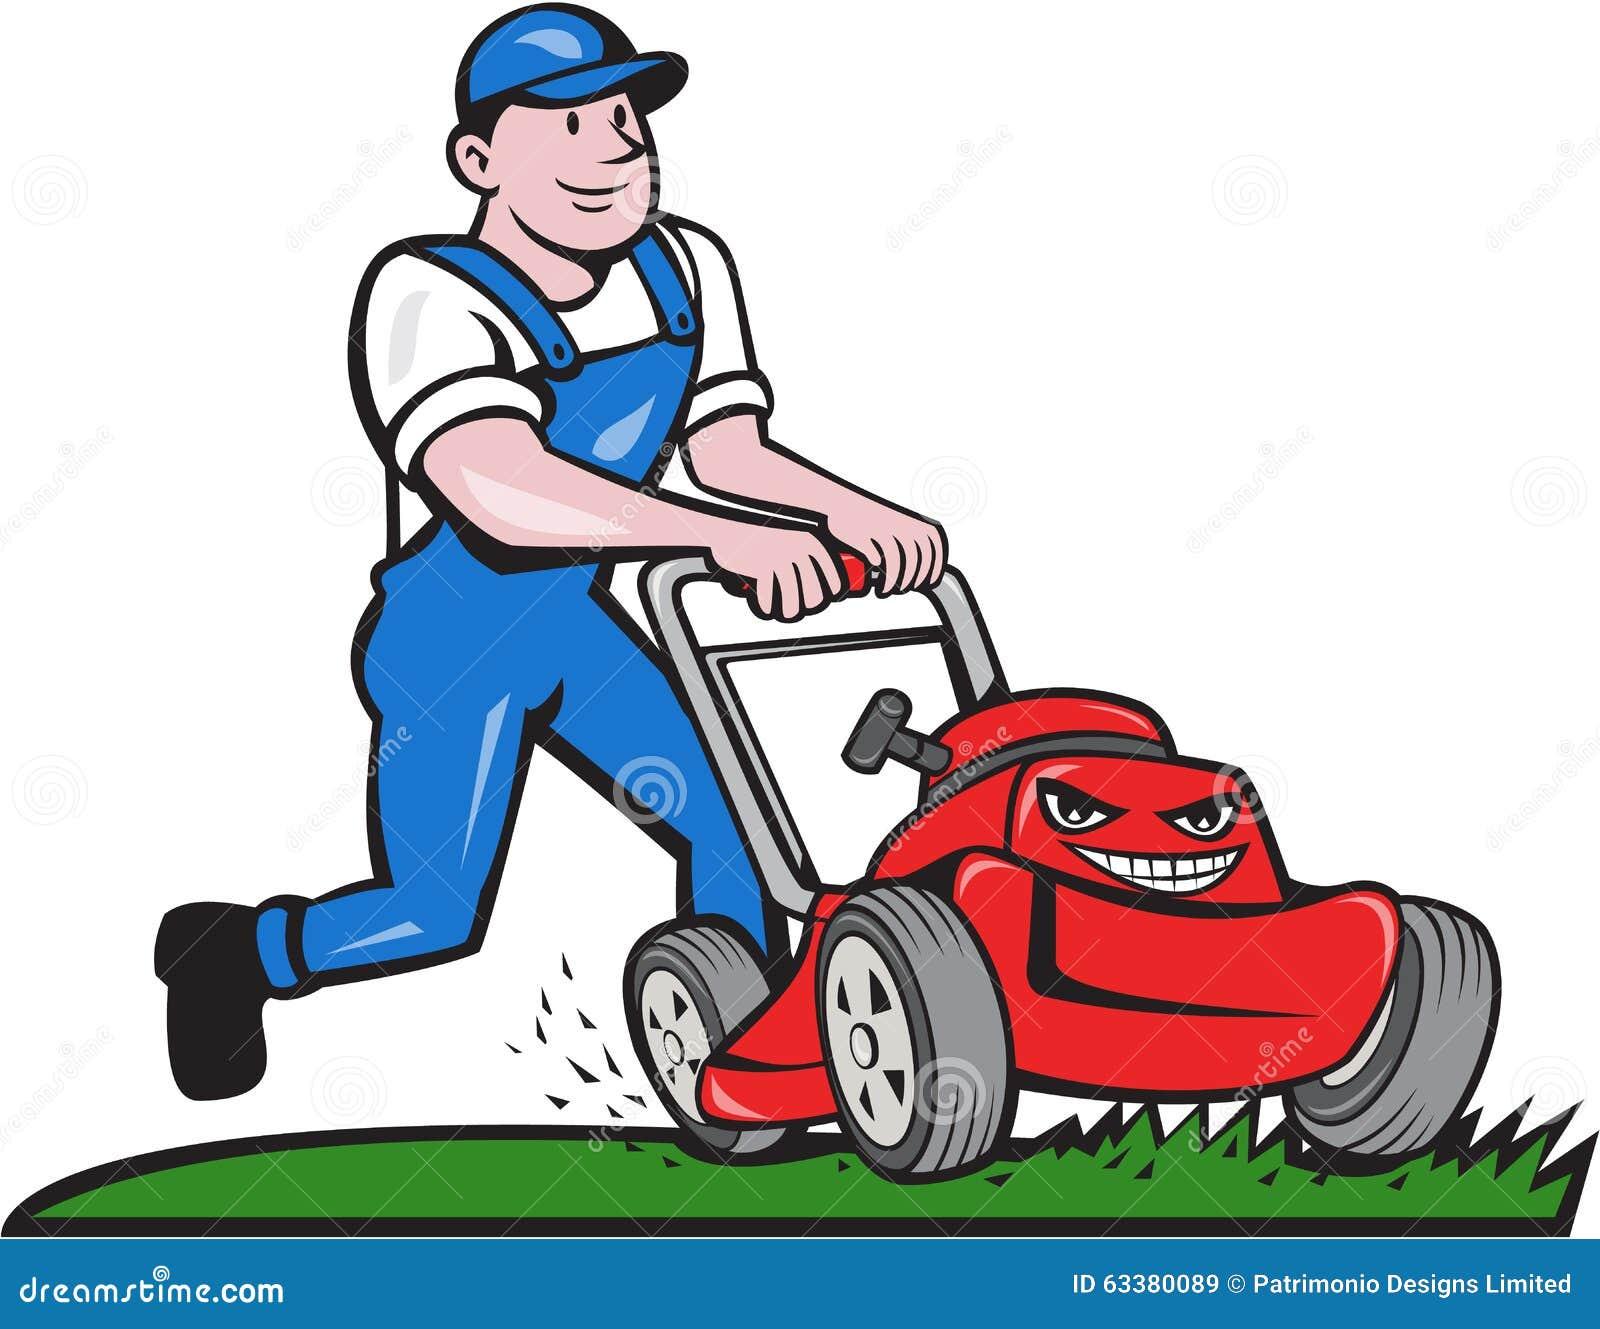 Gardener Mowing Lawn Mower Cartoon Stock Vector ...